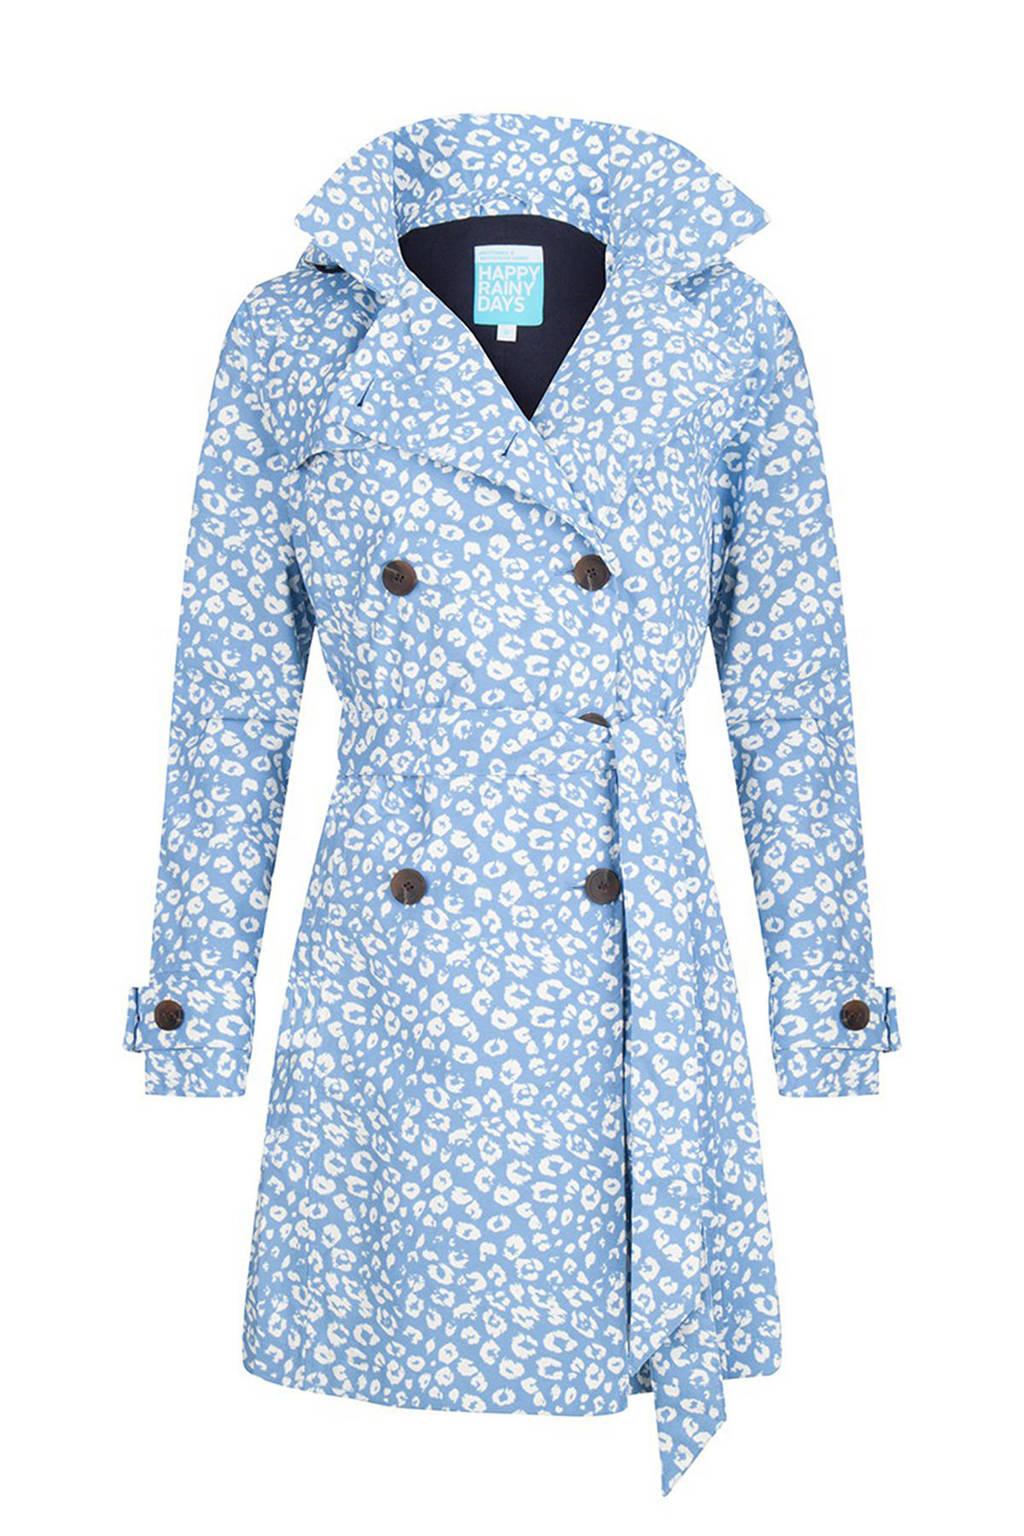 Happy Rainy Days regenjas met all over print lichtblauw/wit, Lichtblauw/wit